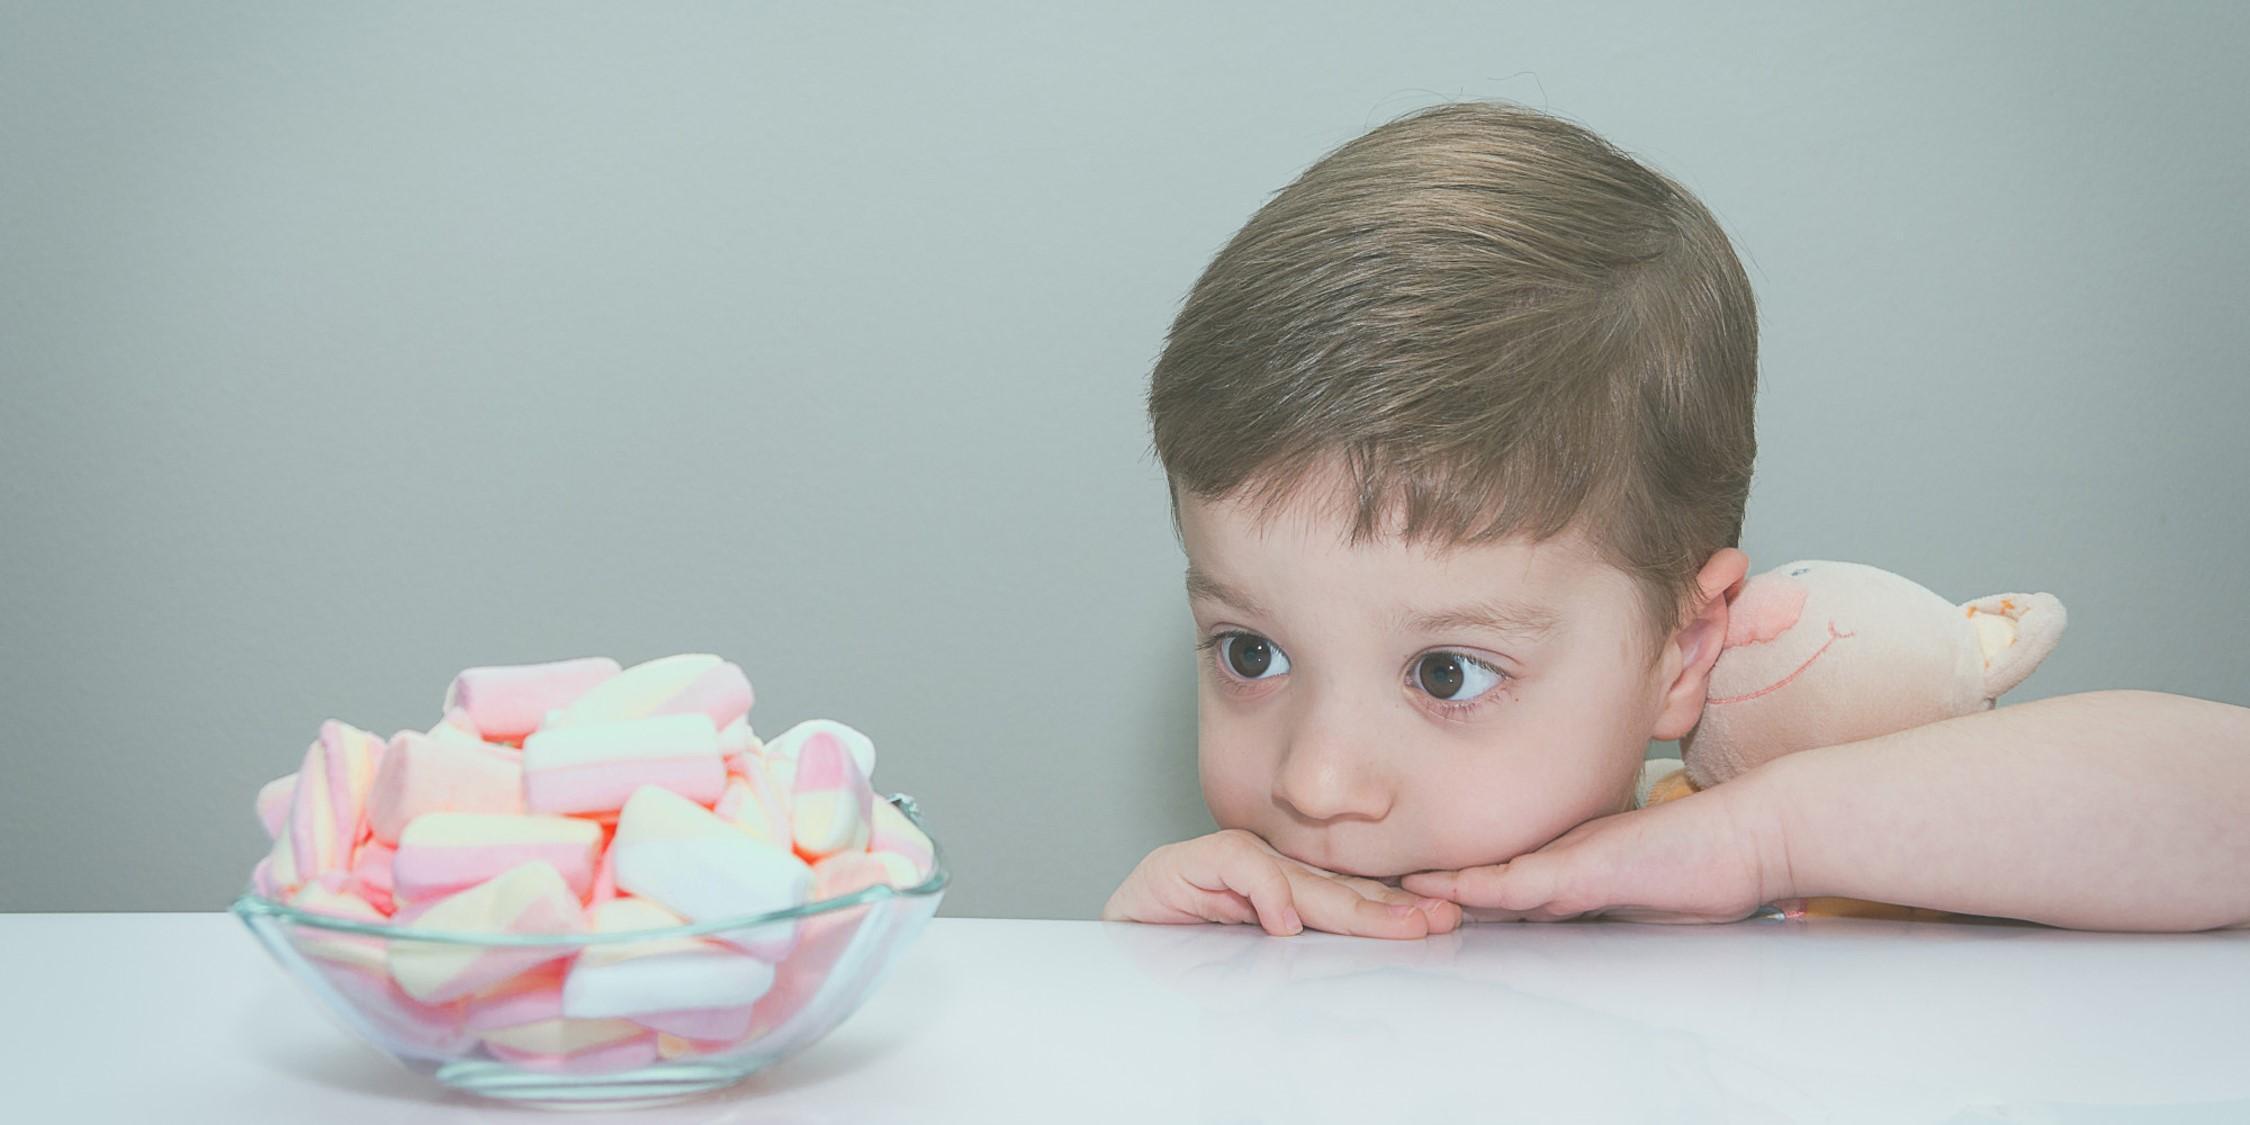 Современные дети справились с зефирным экспериментом лучше предшественников